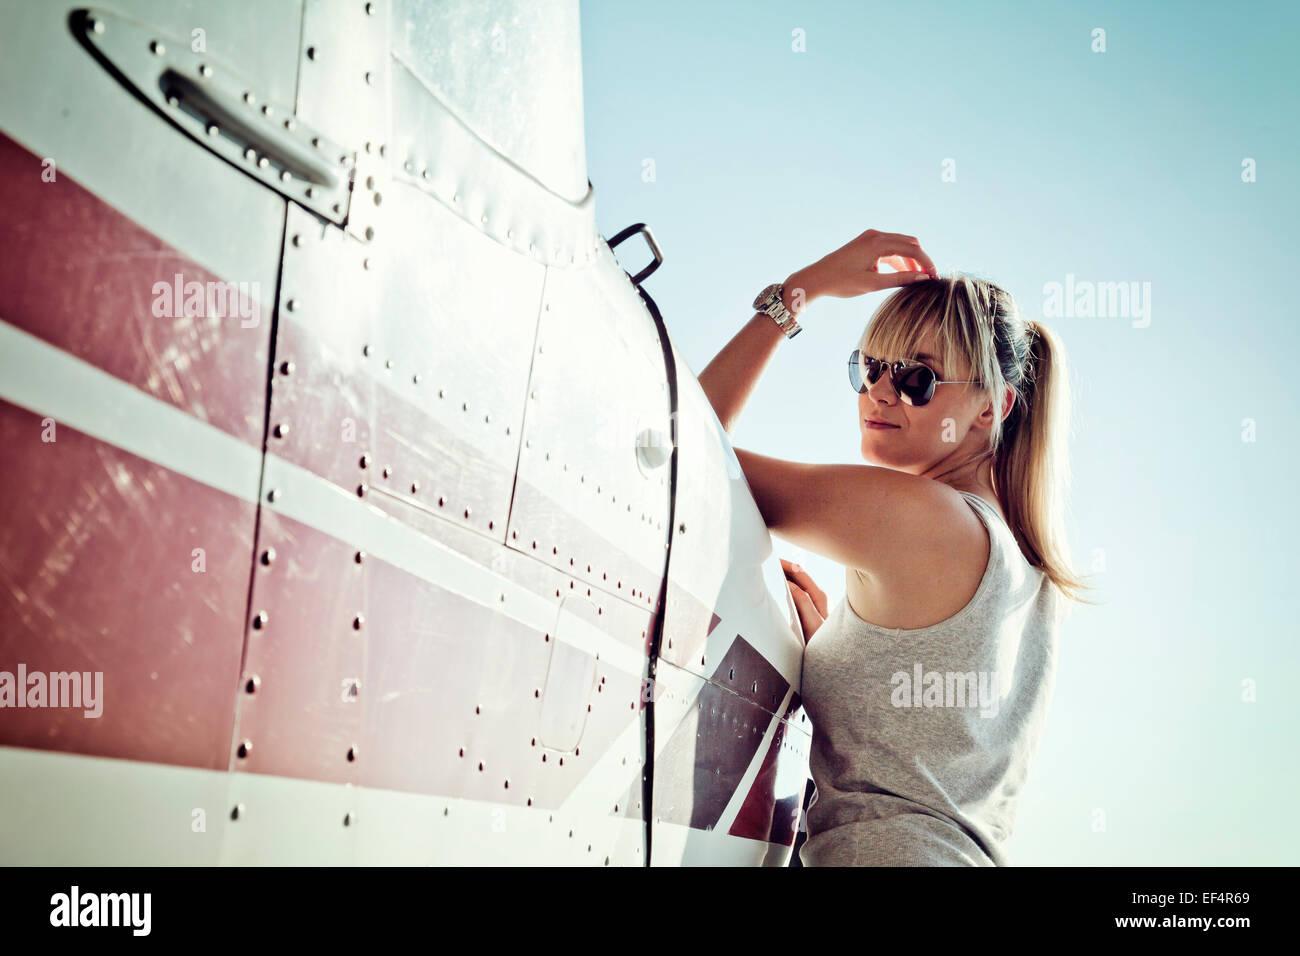 Mujer joven RECOSTADA contra el avión de hélice Imagen De Stock